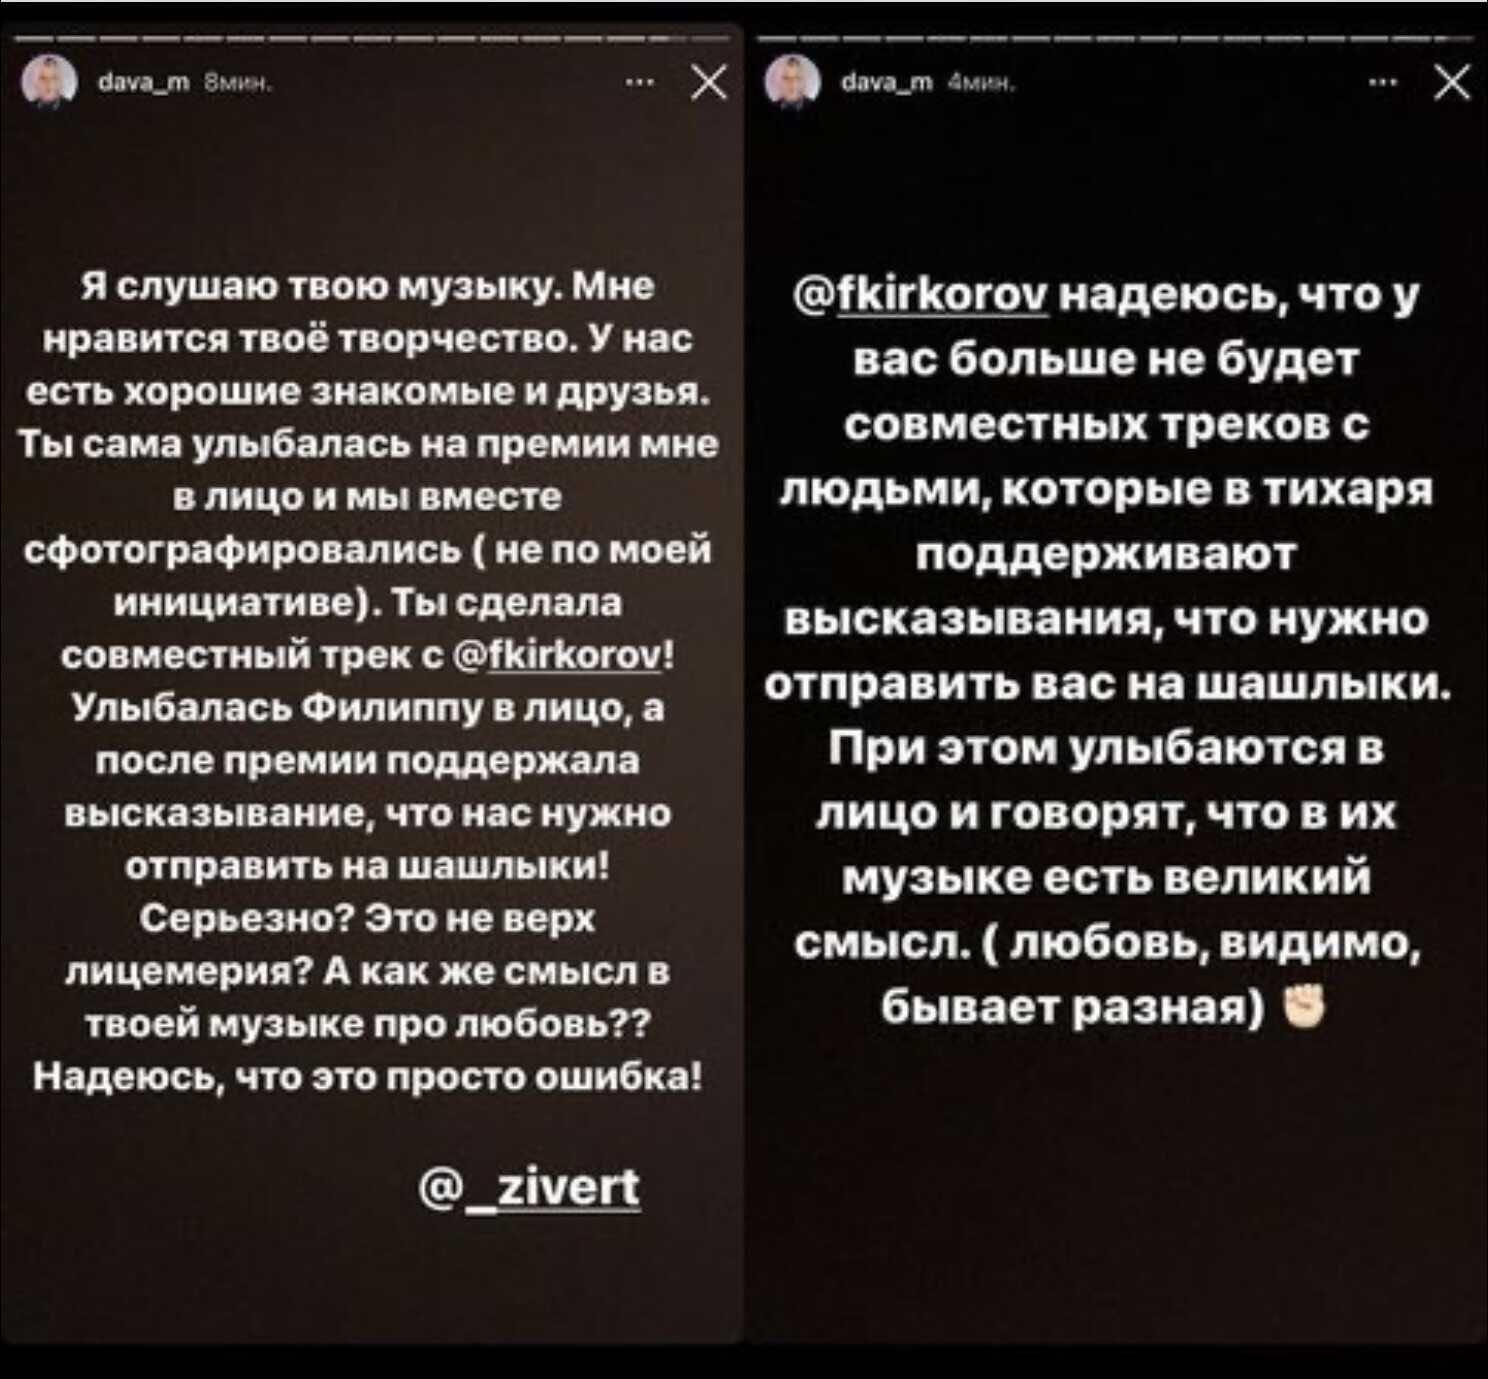 «Вот это крыса!»: Давид Манукян пытается убедить Филиппа Киркорова прекратить общение с певицей Zivert